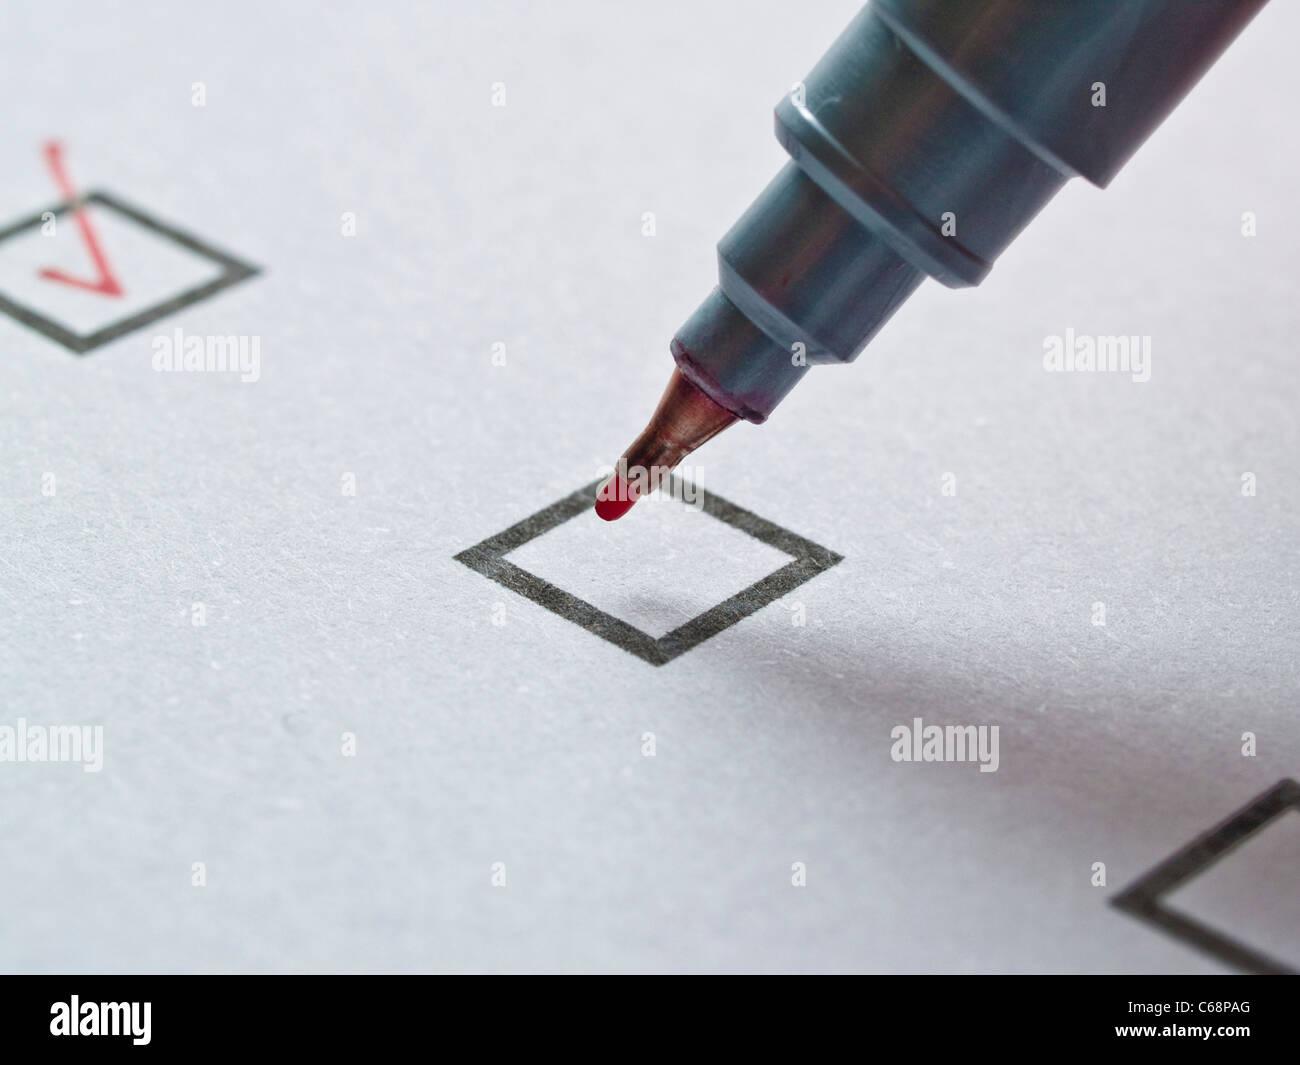 ein roter Stift über einem Kästchen, in einer Liste | a red pen over a small box in a list Stock Photo